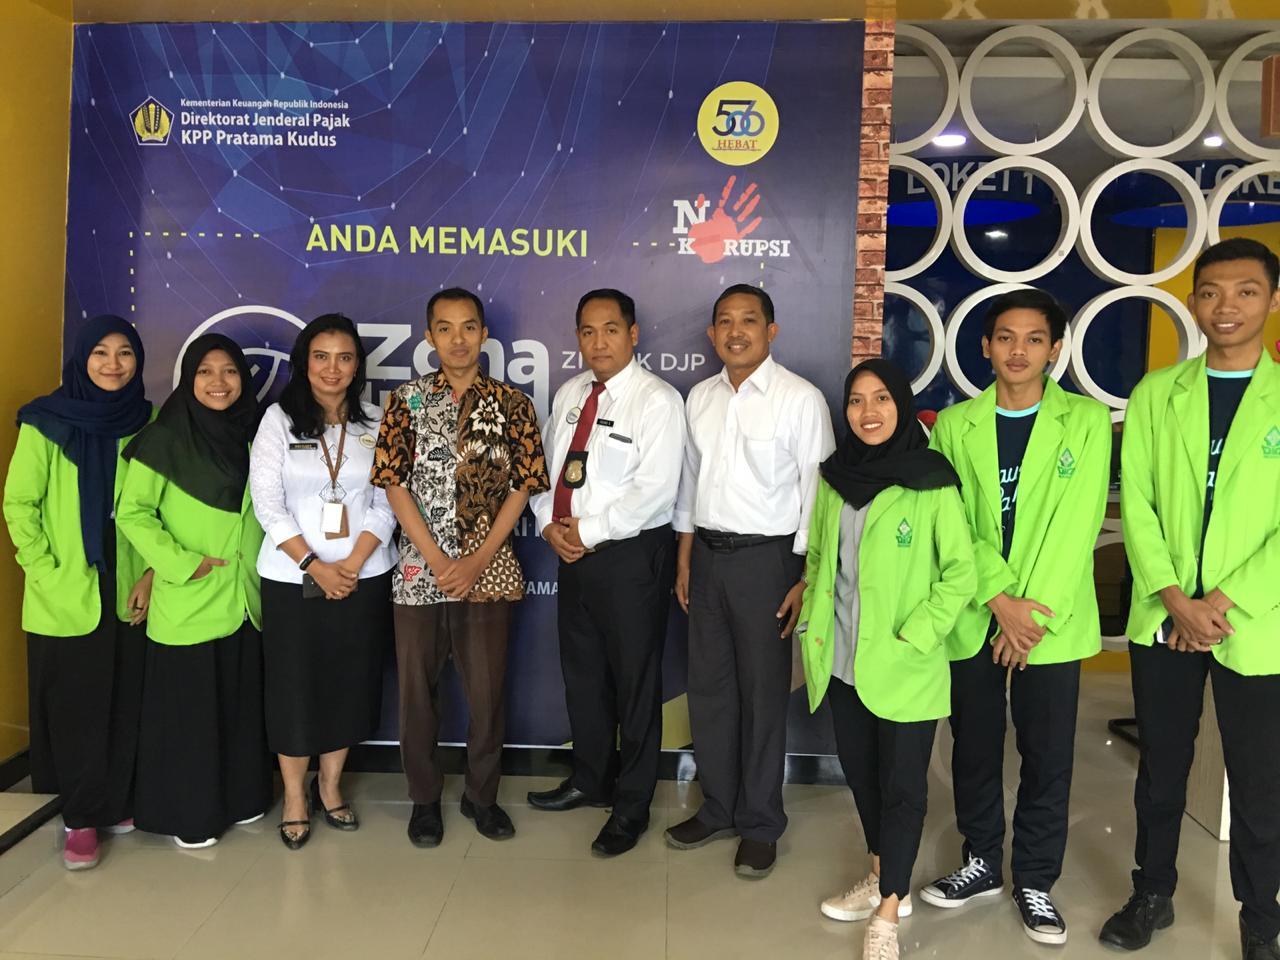 Bertempat di KPP Pratama Kudus, 9 Mahasiwa Akuntansi Syariah Membantu Masyarakat Kabupaten Kudus Melaporkan SPT Tahun 2019